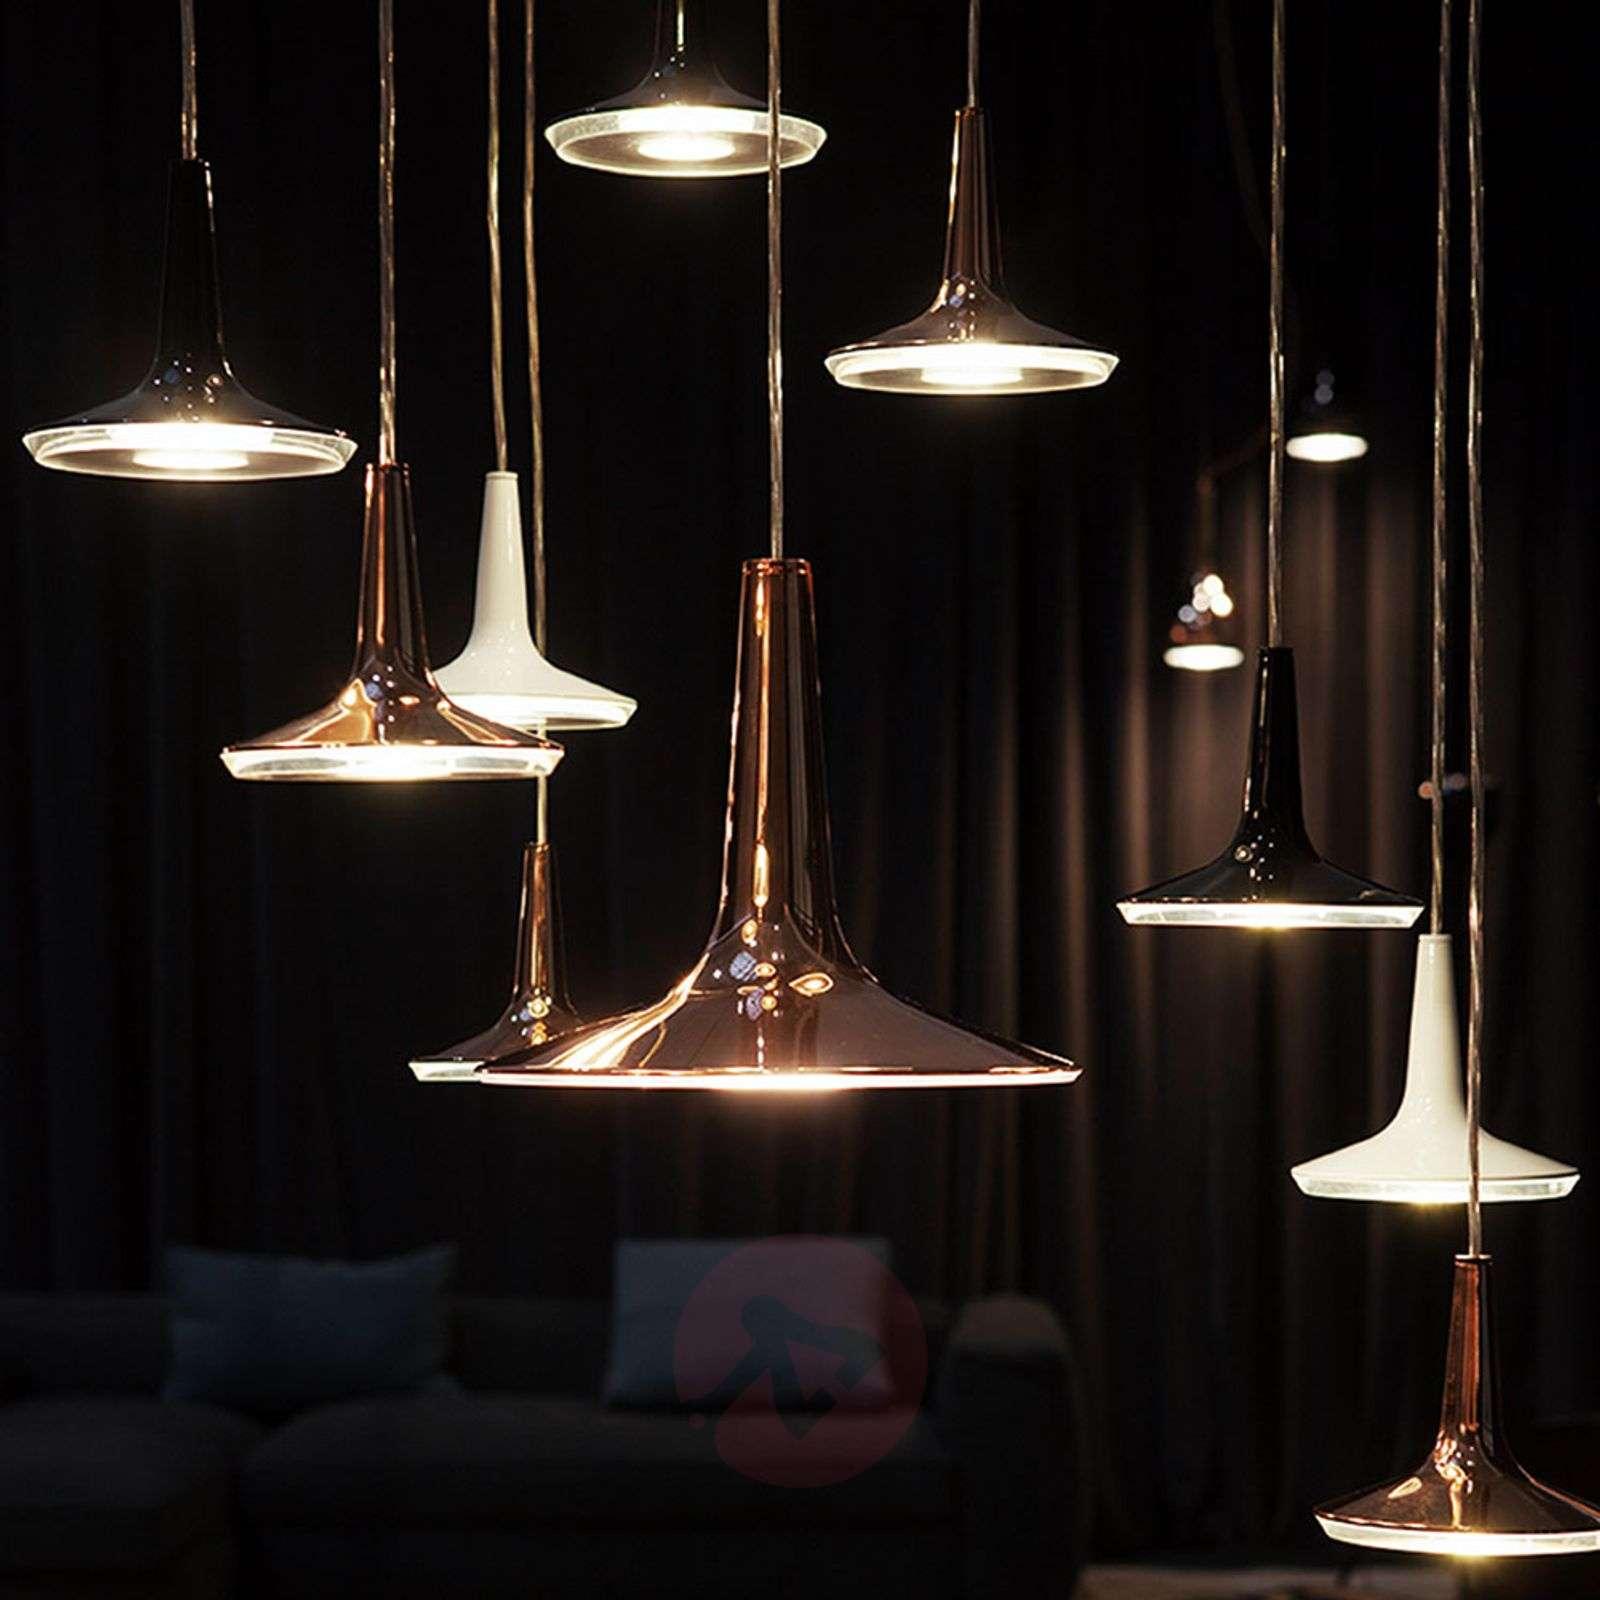 Copper-coloured LED hanging light Kin, 15 cm-7265086-01